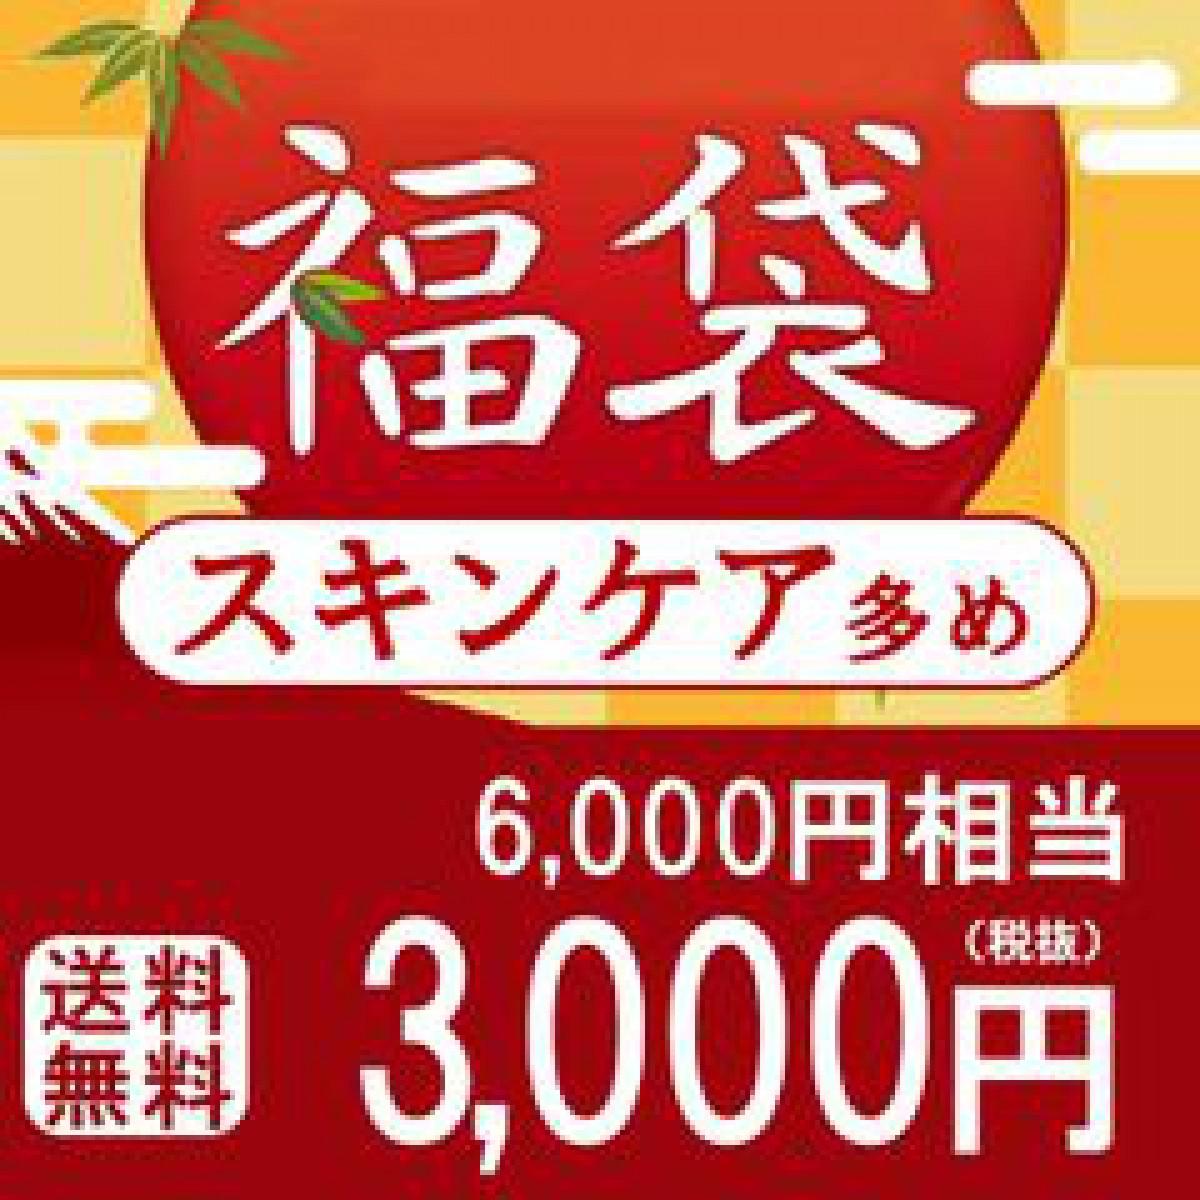 【ネタバレ】ウテナ福袋込み3240円「スキンケア多め」